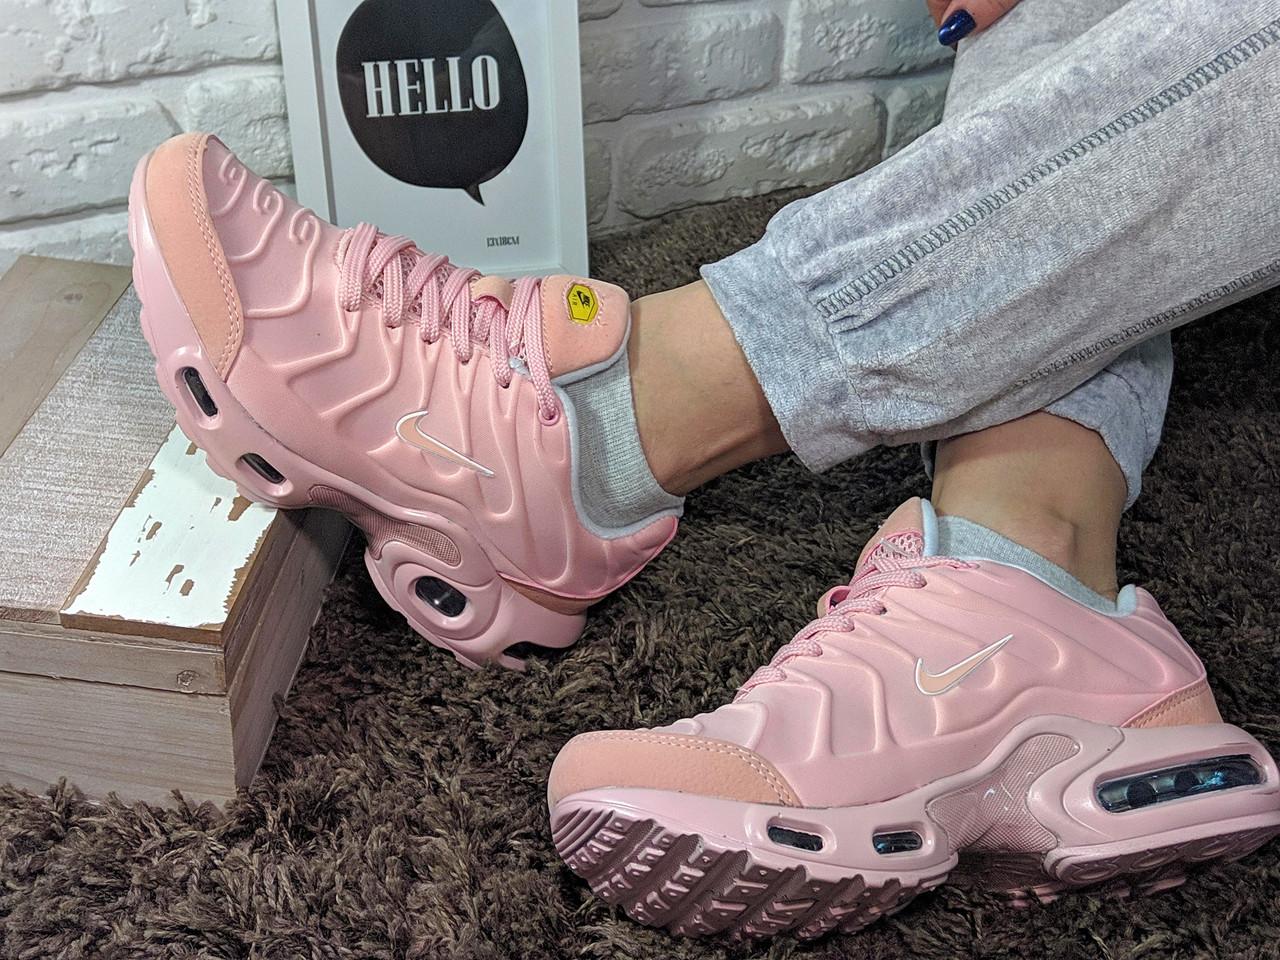 0b9315e9 Женские кроссовки Nike air MAX 95 цвет персик - пудра . Супер Стильные